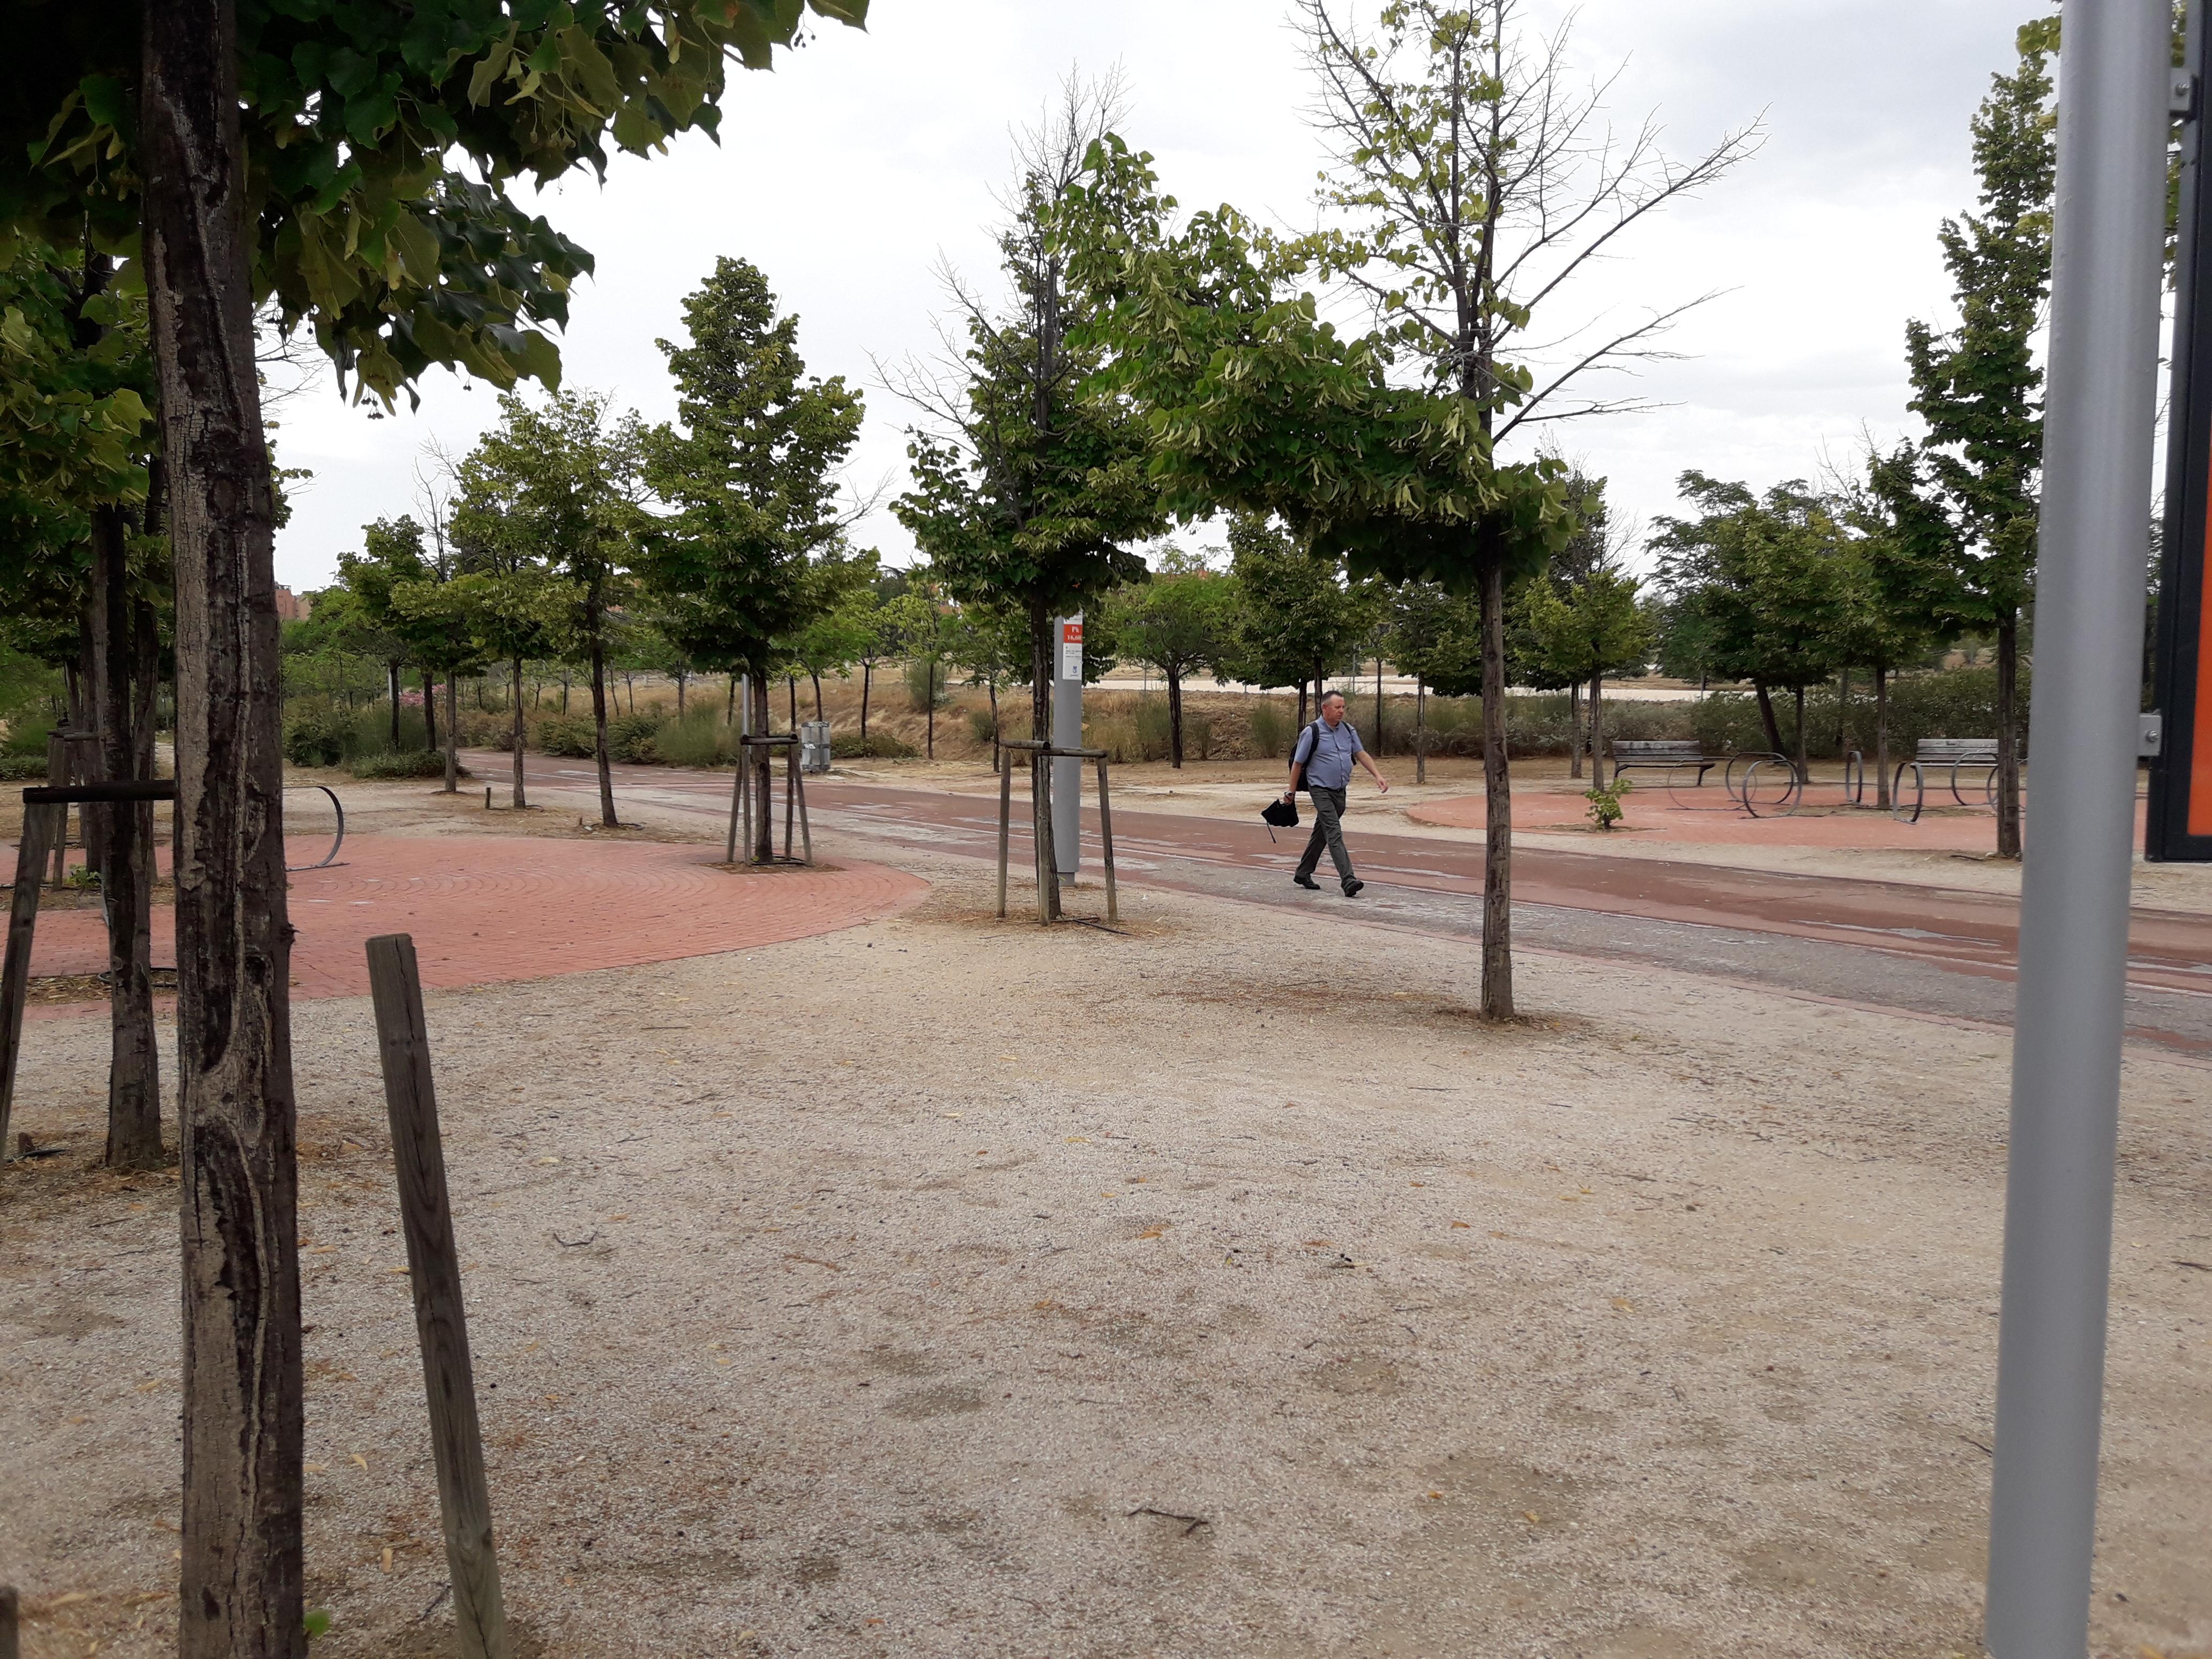 parque cua verde moratalaz